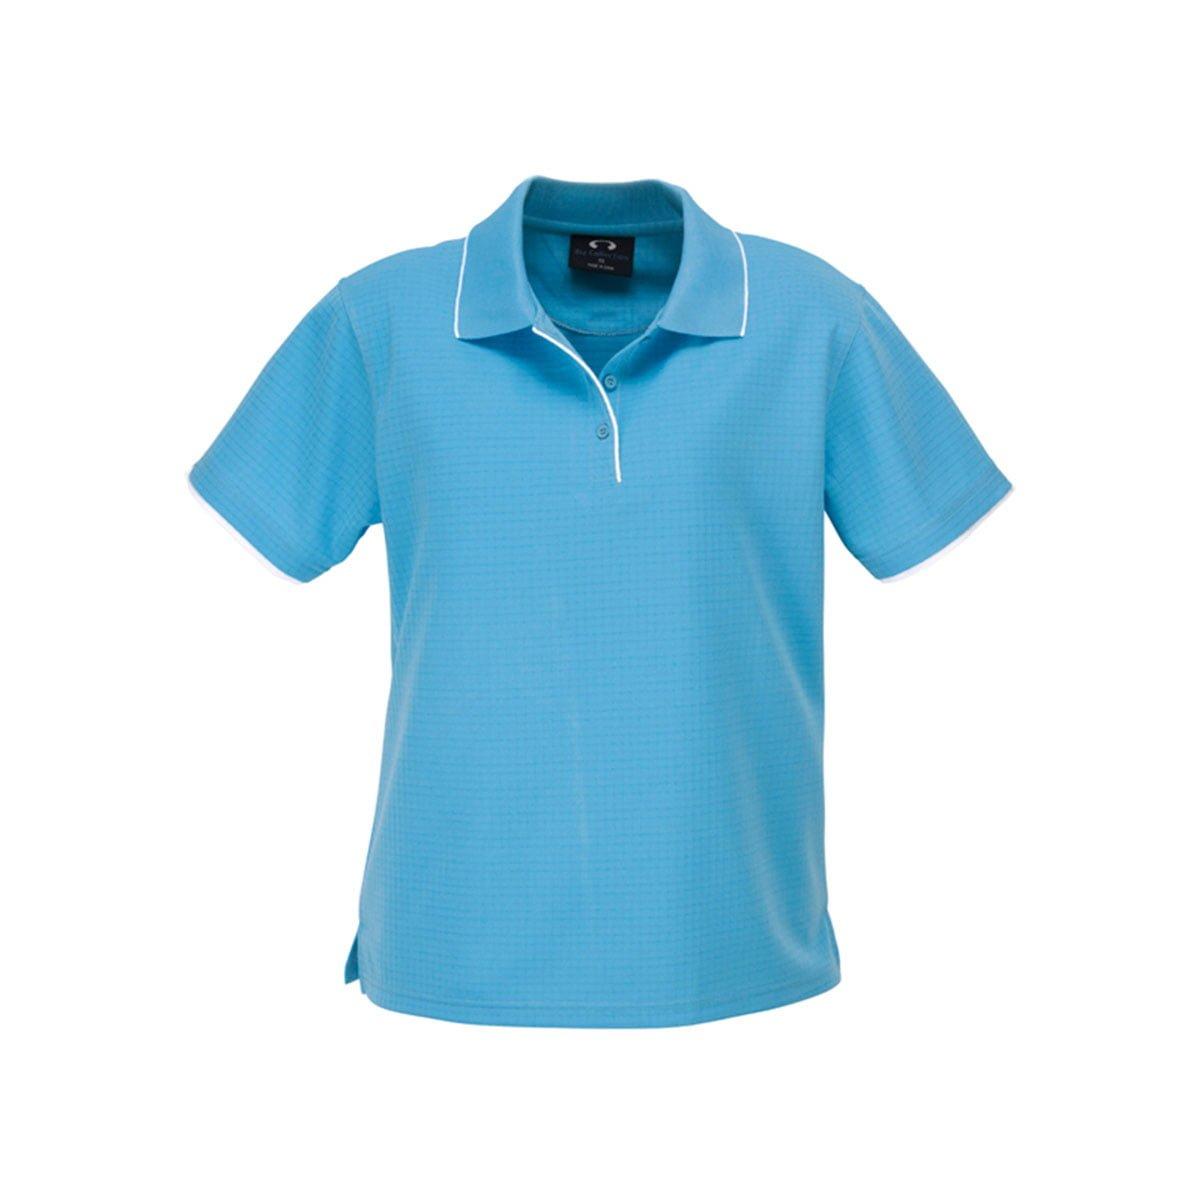 Ladies Elite Polo-Aqua Blue / White